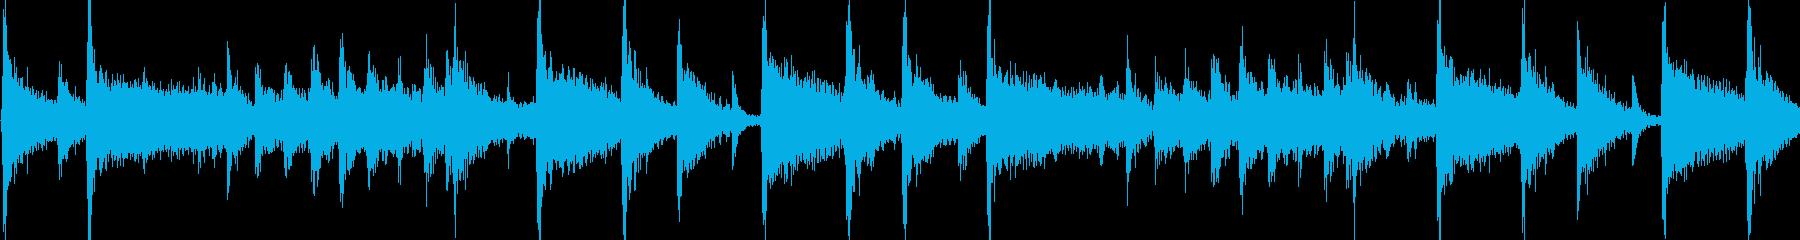 明るく陽気なフュージョンジングル_ループの再生済みの波形